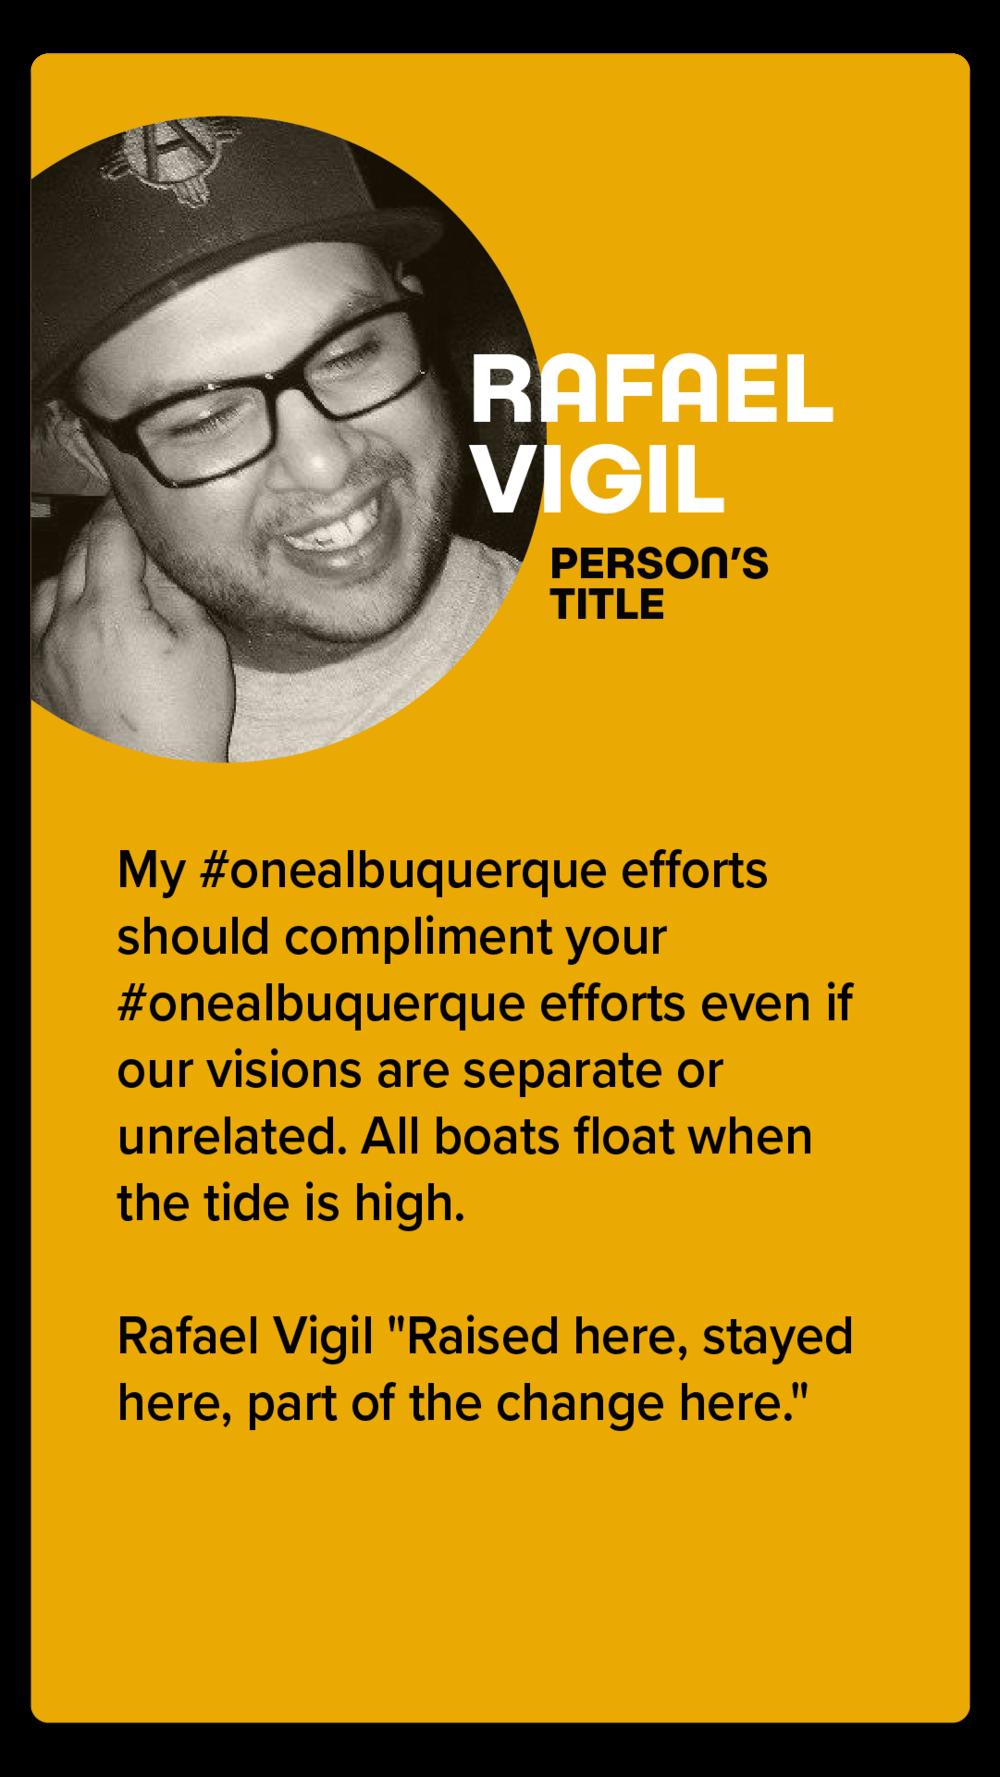 rafael_vigil.png